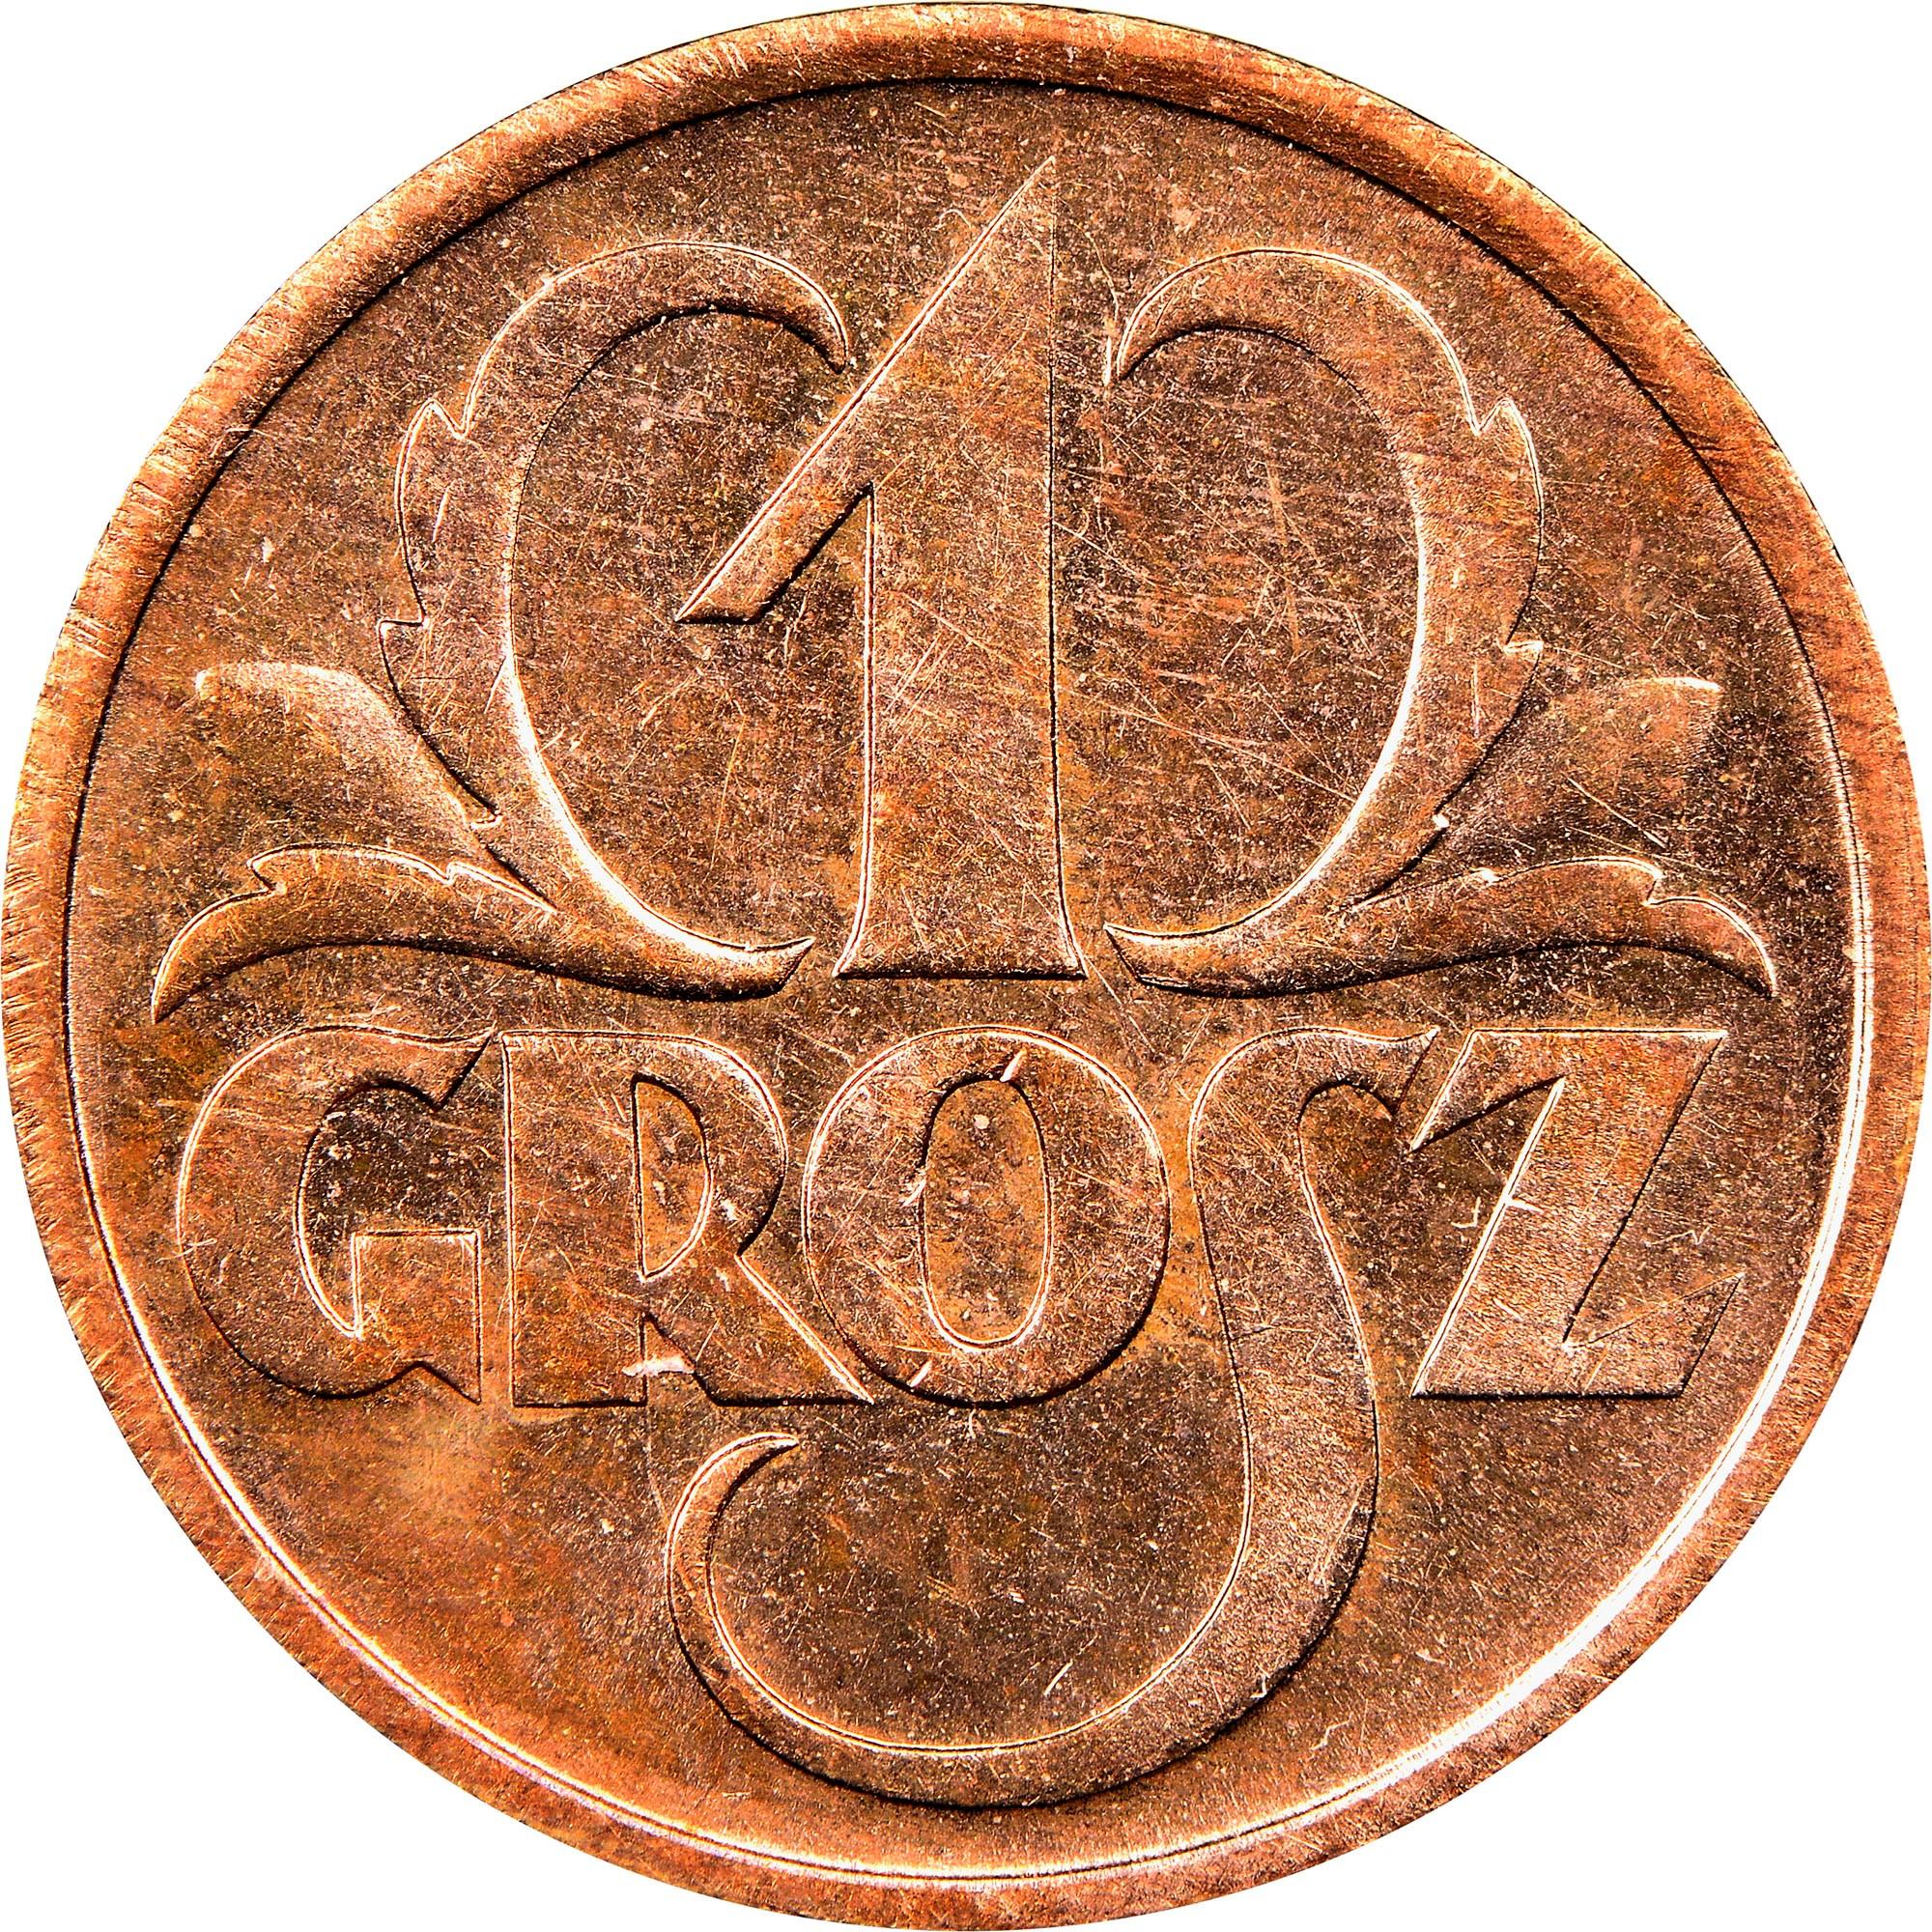 Poland Grosz reverse